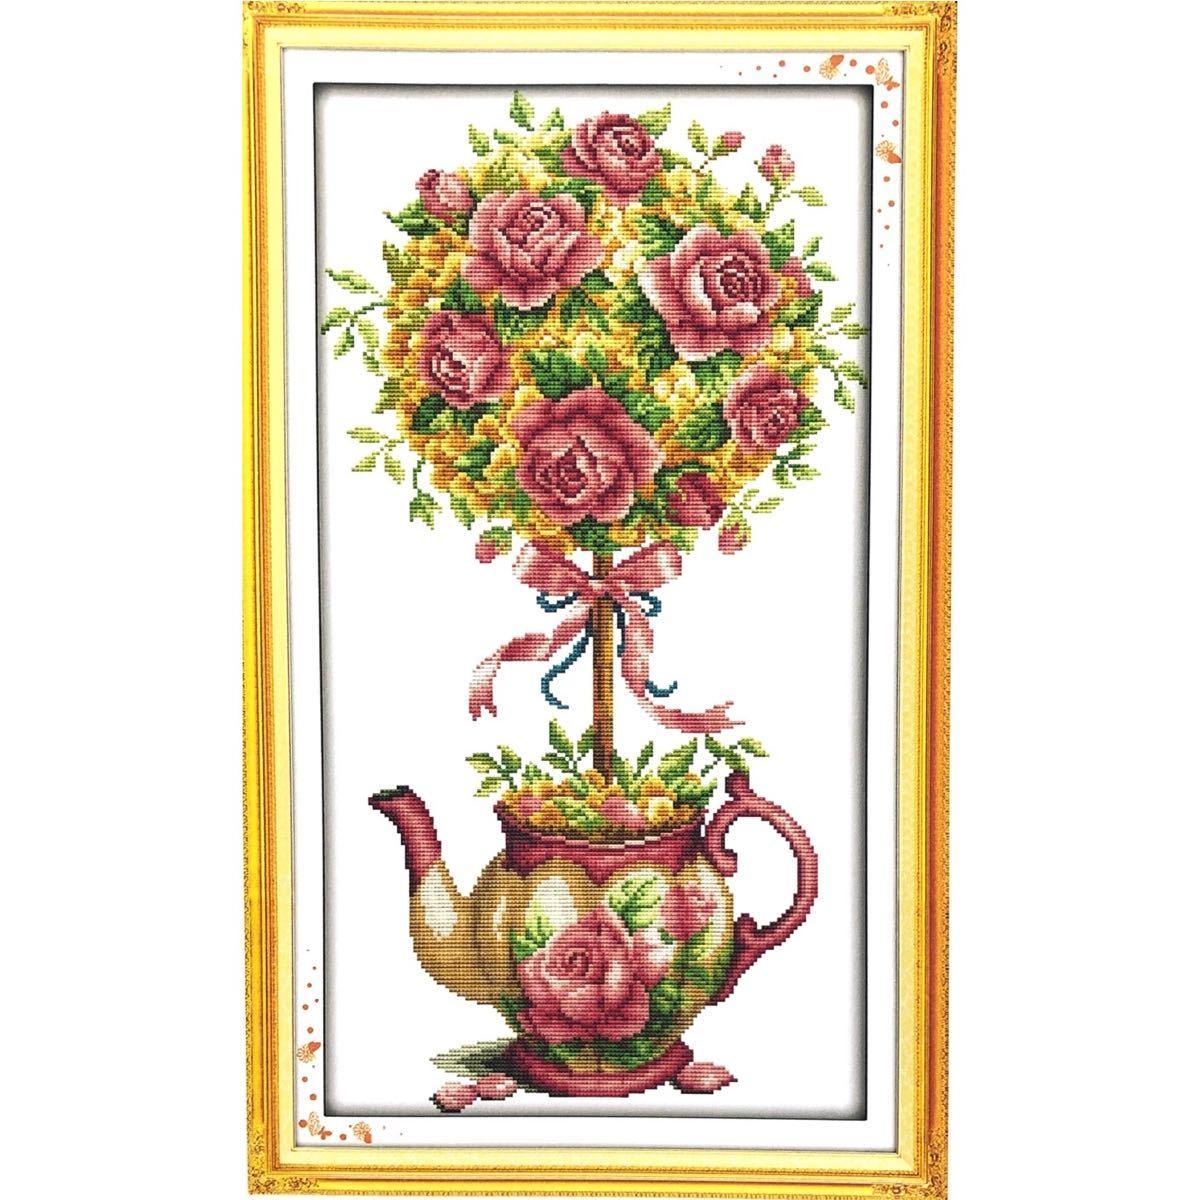 クロスステッチ刺繍キット(J384) ティーポットと花14CT